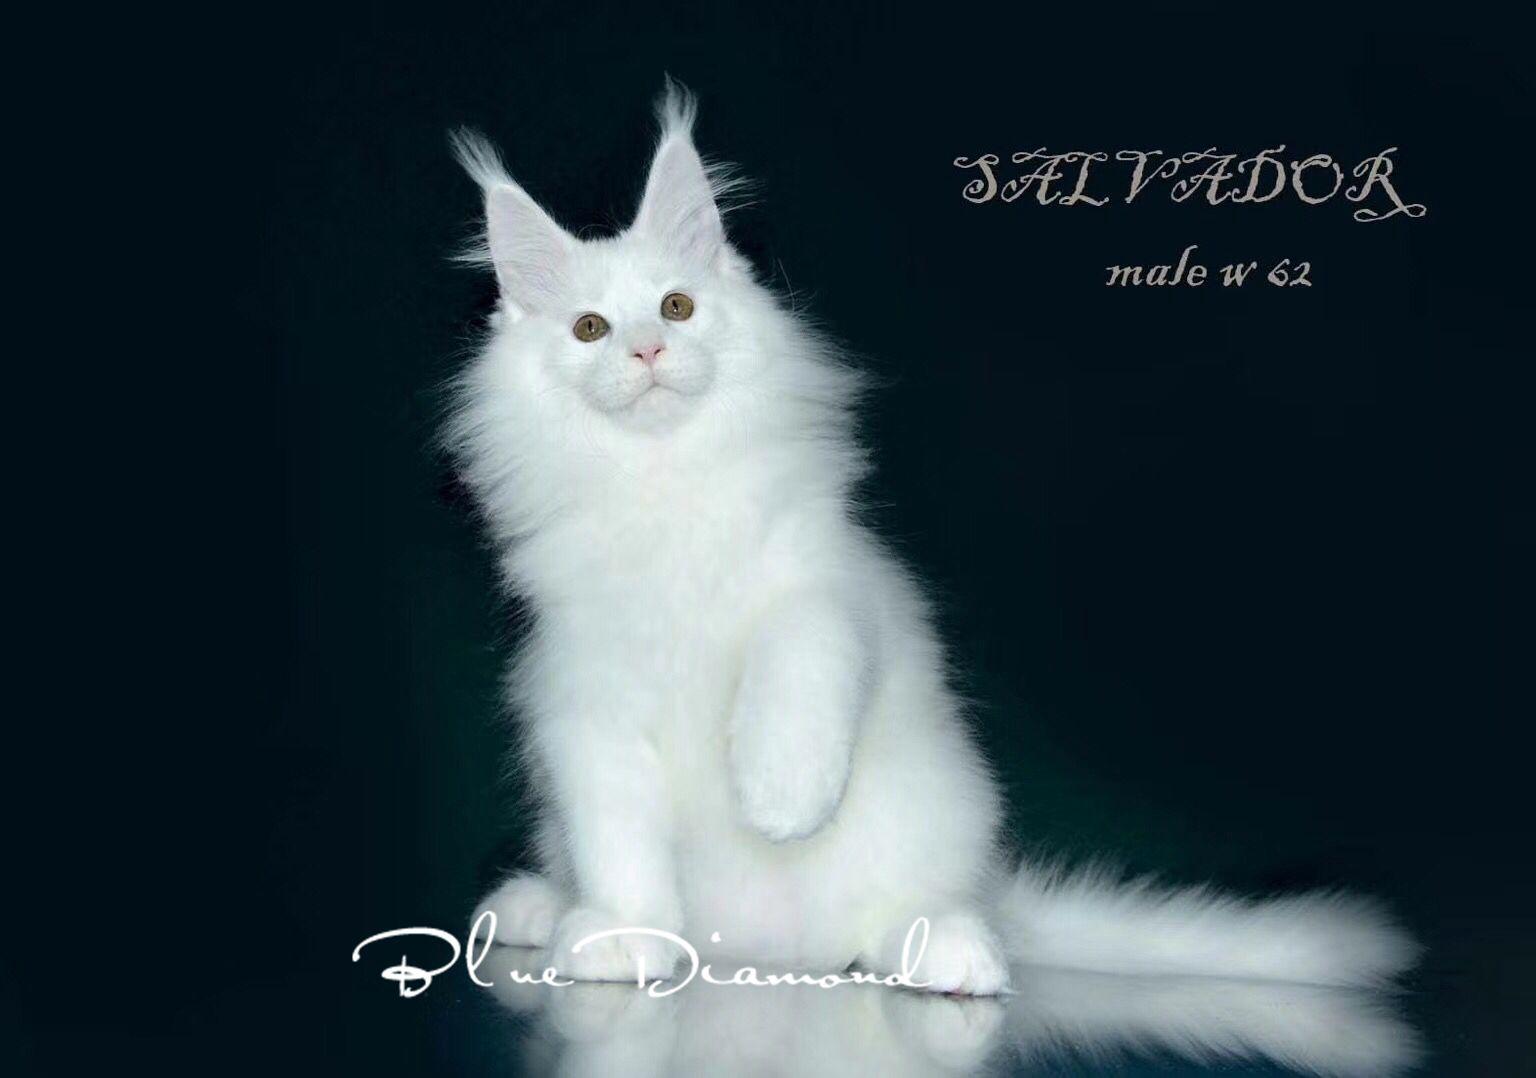 缅因猫幼猫活体银虎斑缅因猫红虎斑纯白纯黑纯蓝烟灰缅因猫狮子猫图片